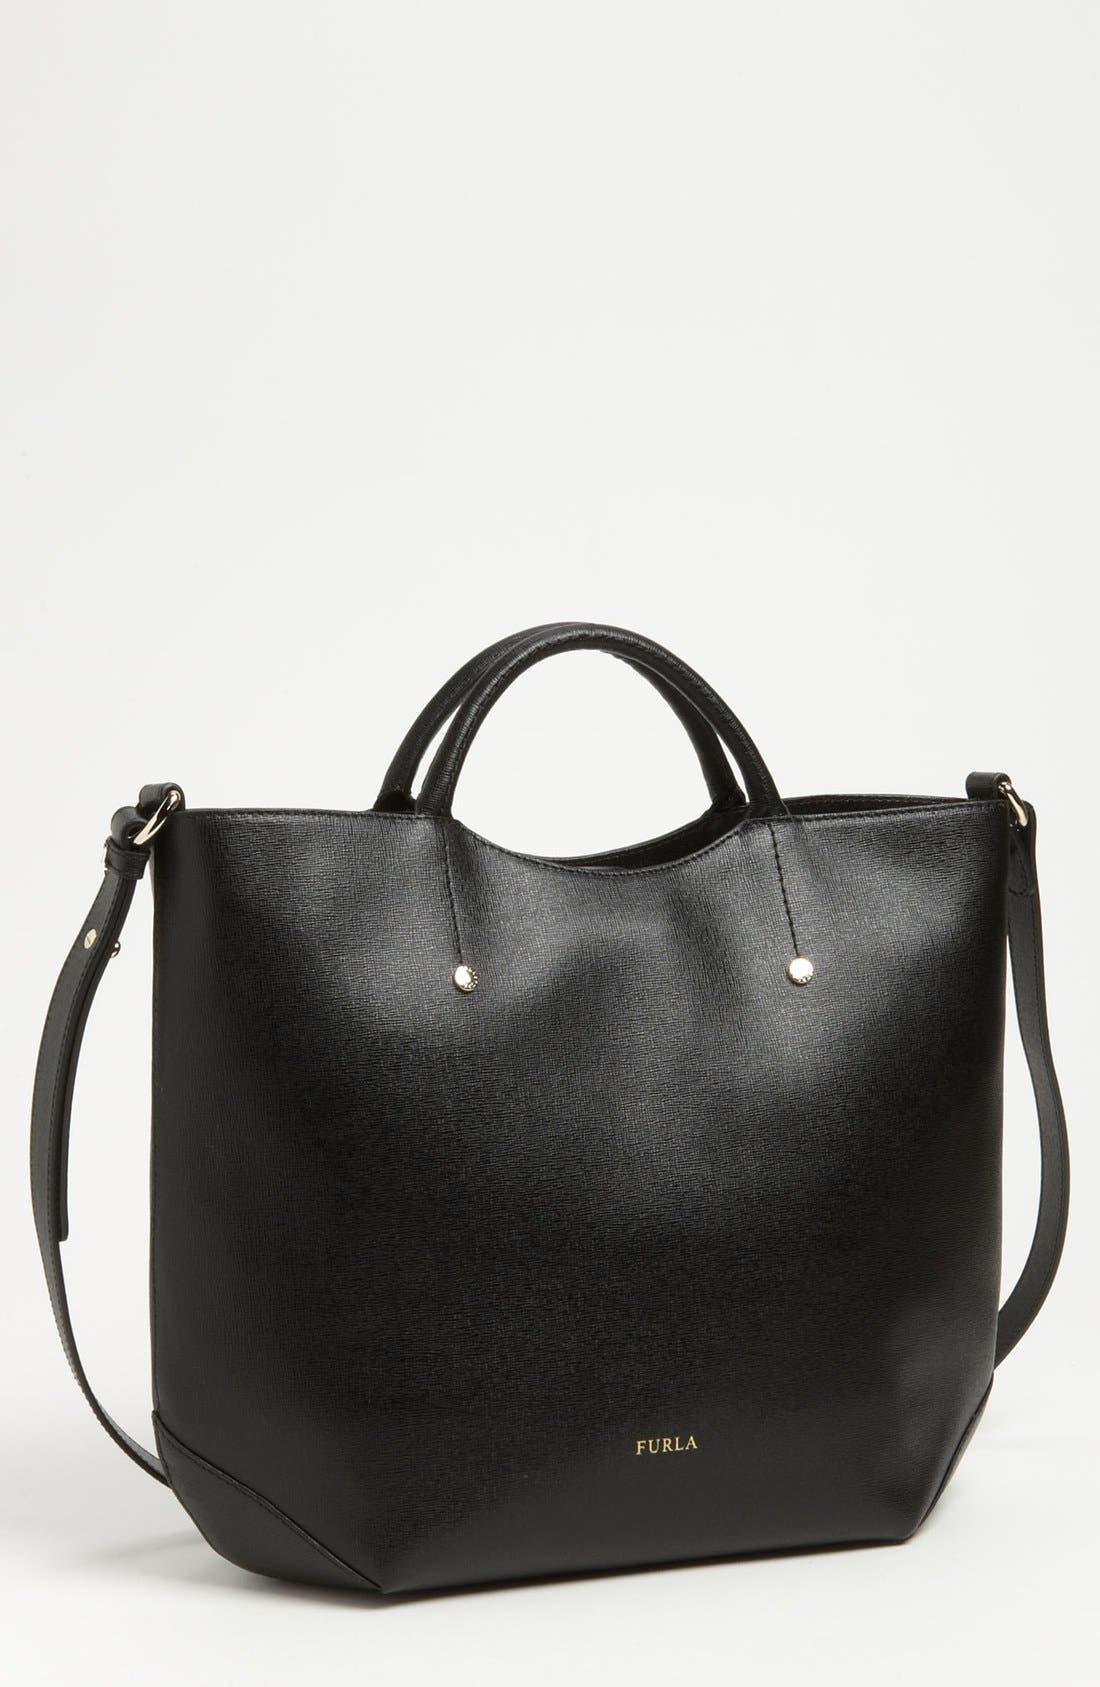 Main Image - Furla 'Arianna - Large' Saffiano Leather Shopper